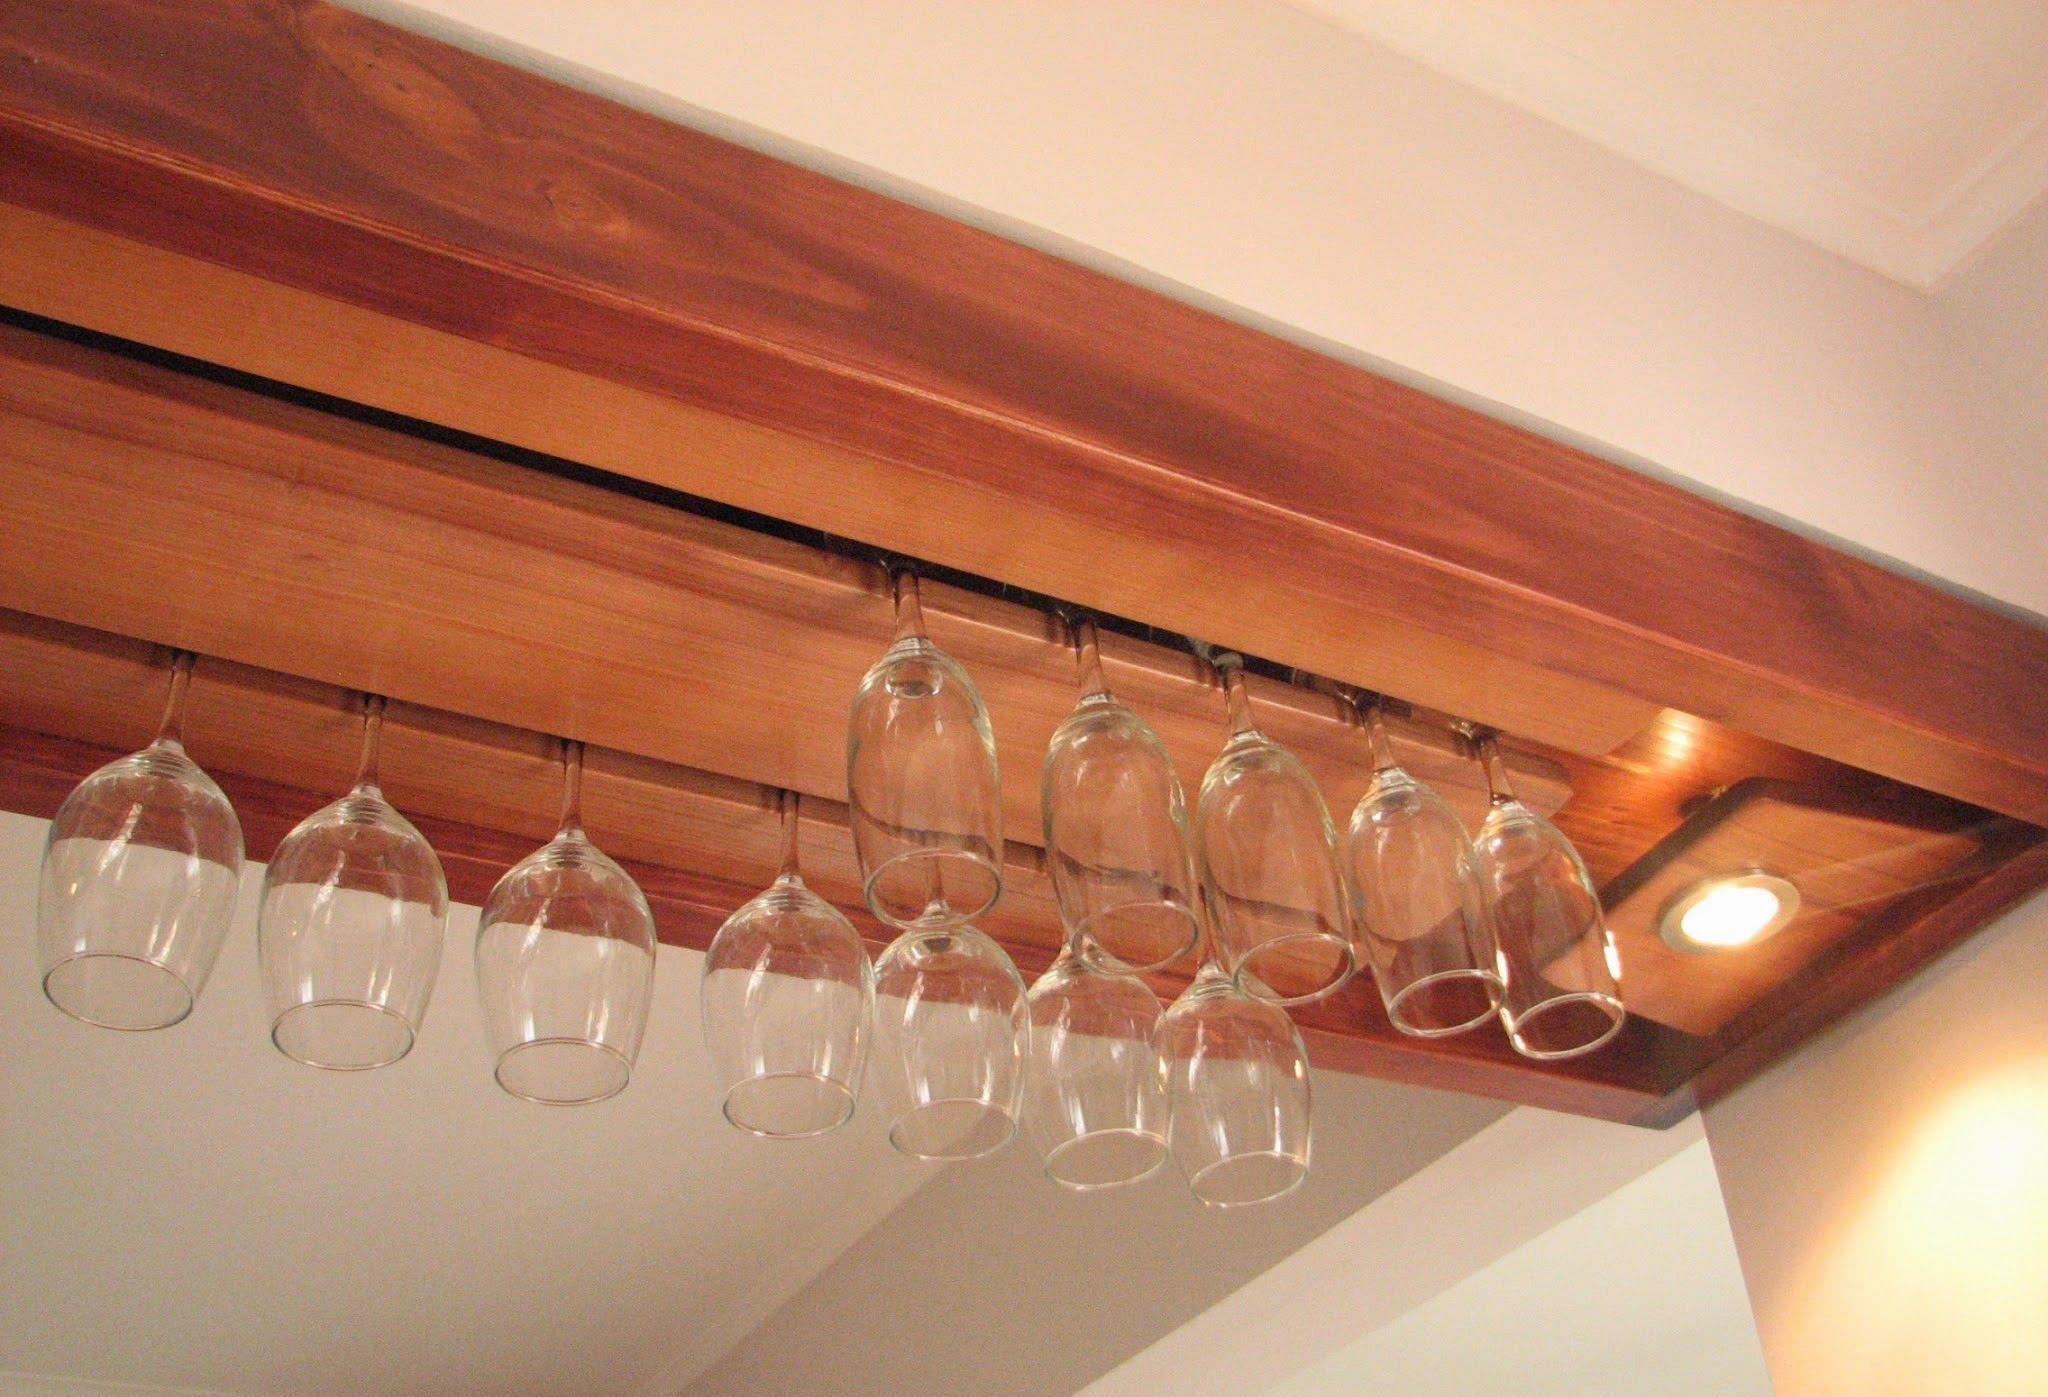 Mueble Copero Construido Con Madera De Pino Y Raul Muebles  # Muebles Coperos